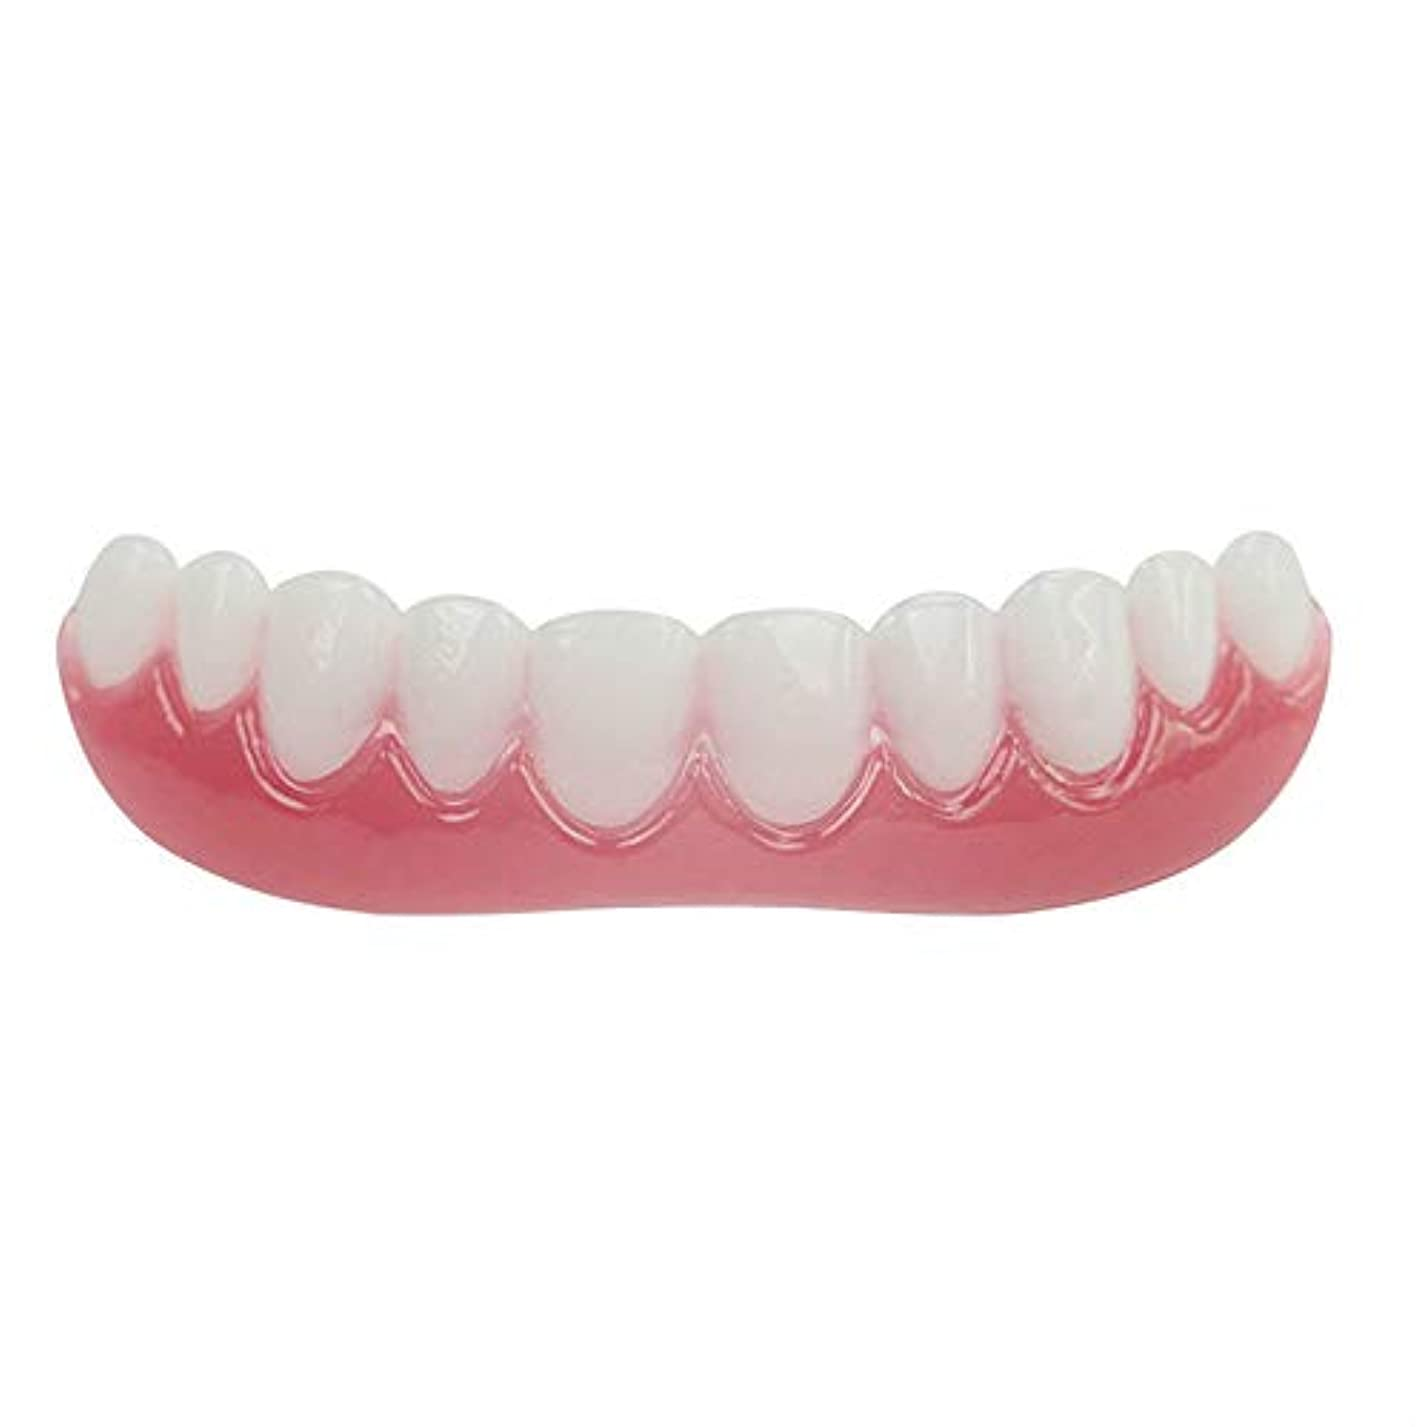 ワットスクラブ熱心なシリコーンシミュレーション義歯、歯科用ベニヤホワイトトゥースセット(3個),Colorbox,Lower